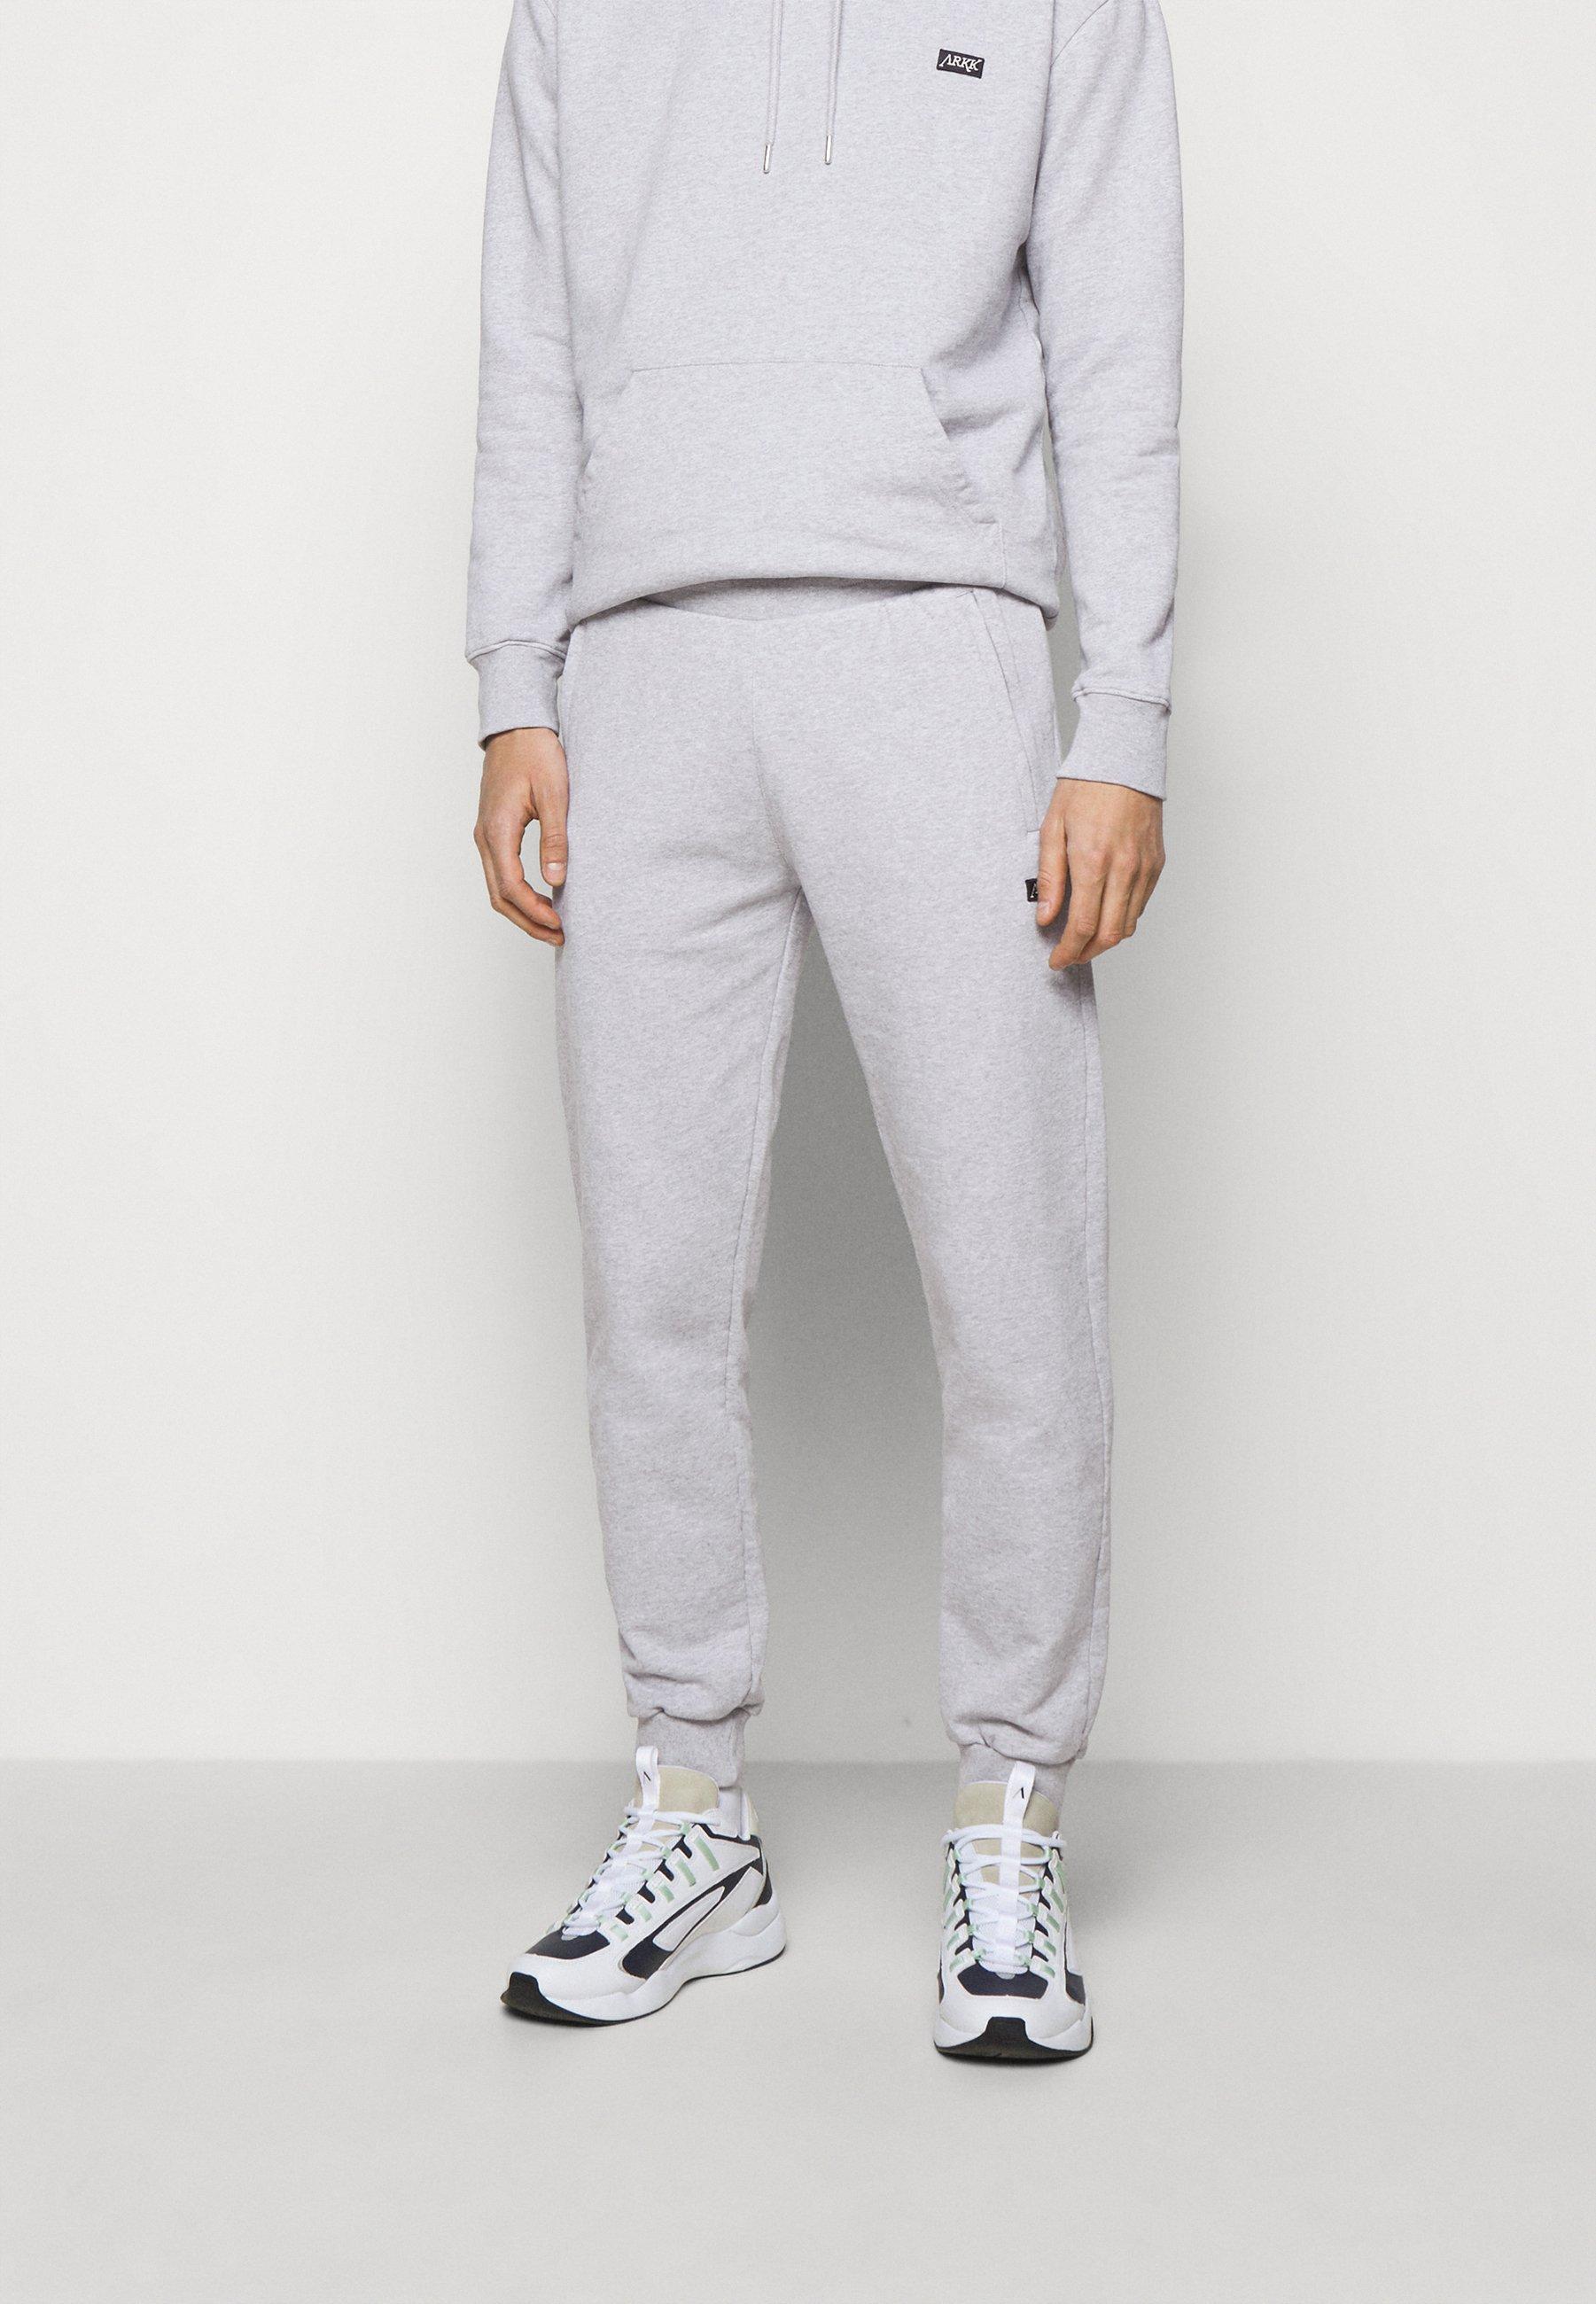 Homme BOX LOGO PANTS - Pantalon de survêtement